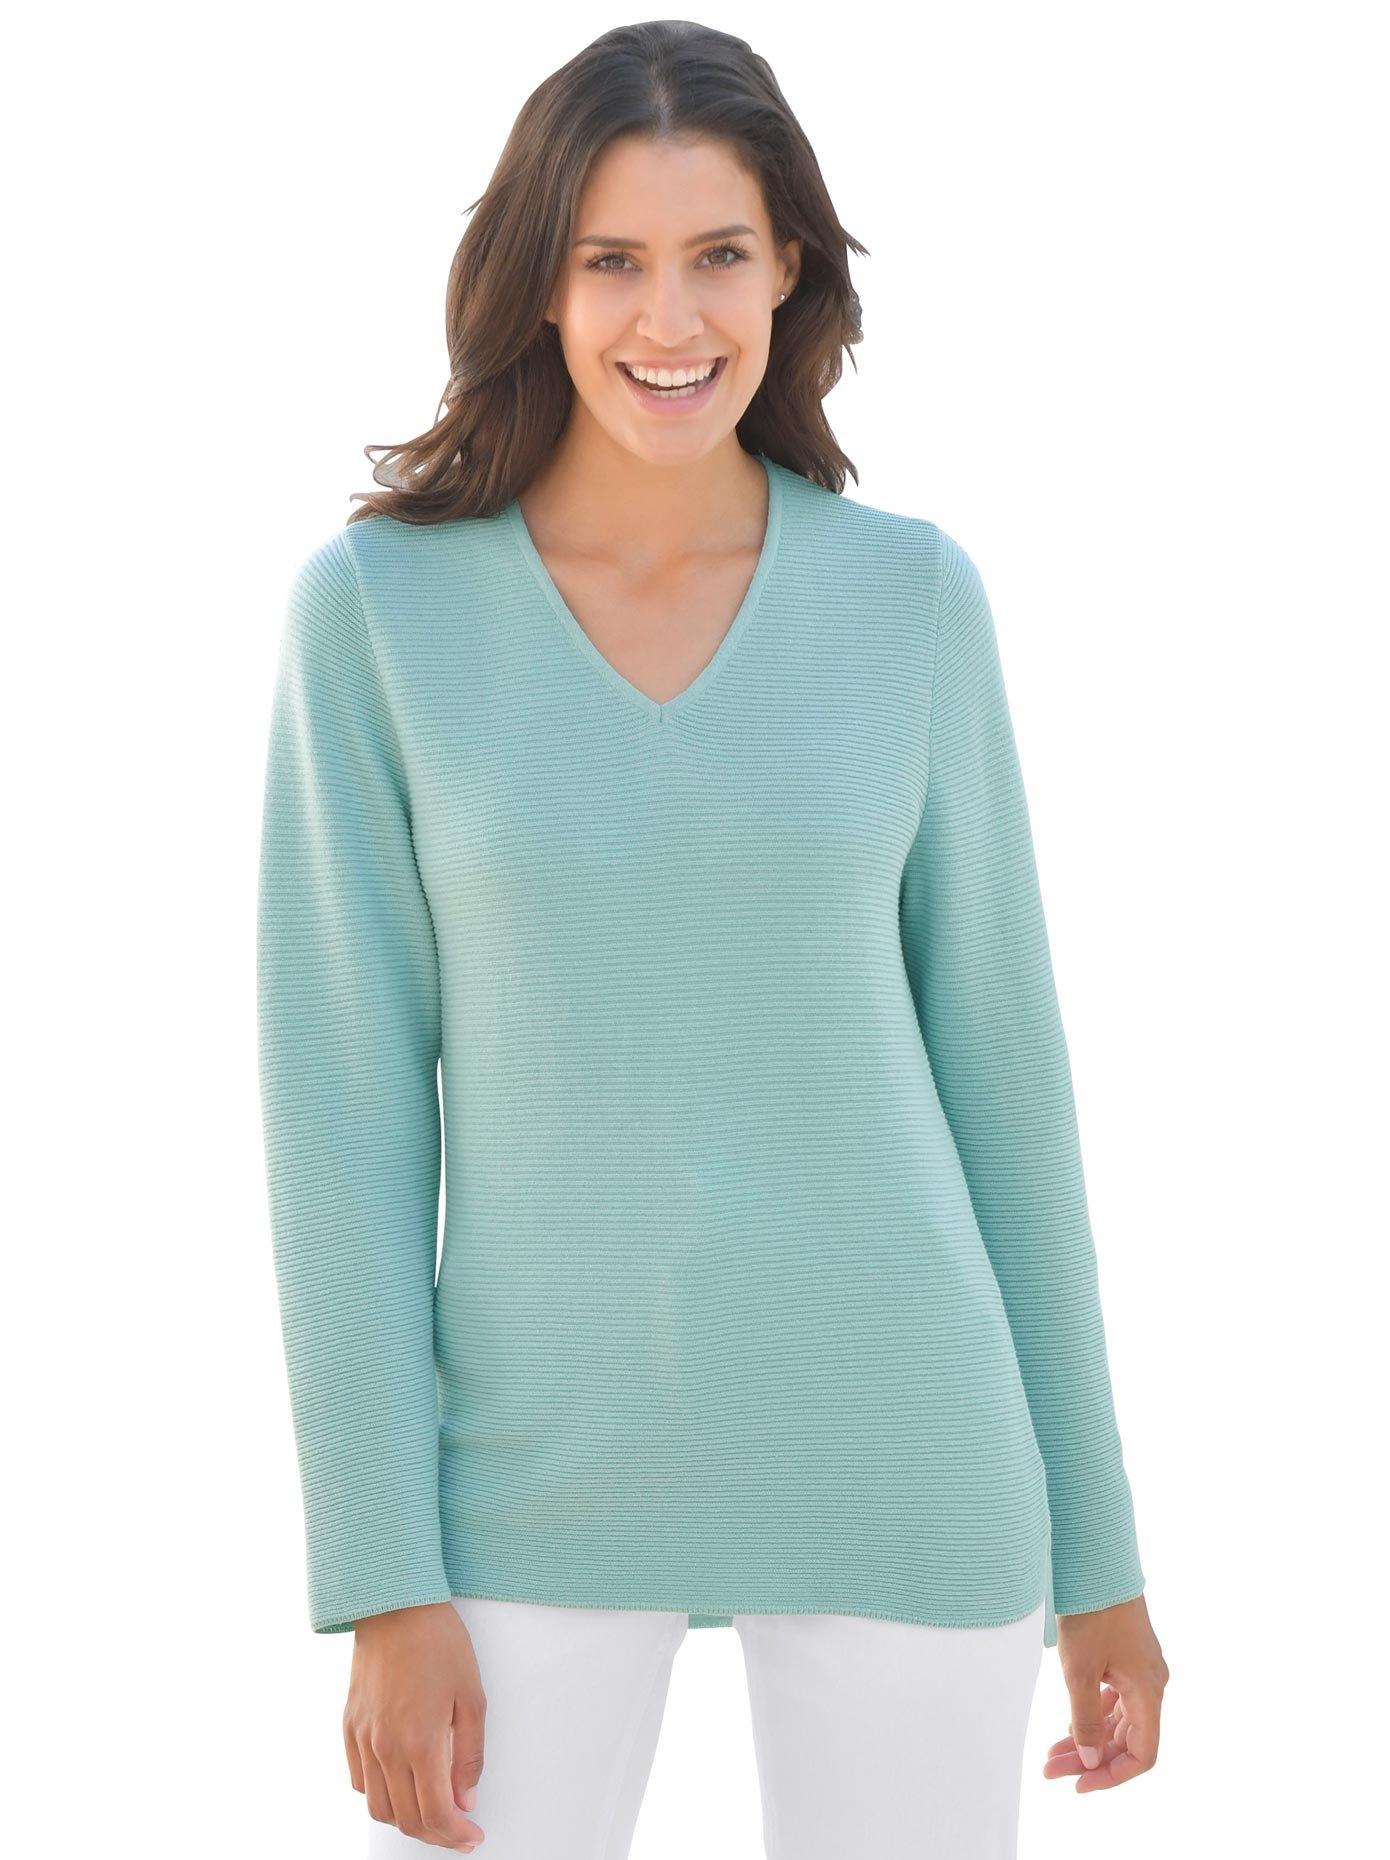 Casual Looks Classic Inspirationen trui met V-hals nu online bestellen